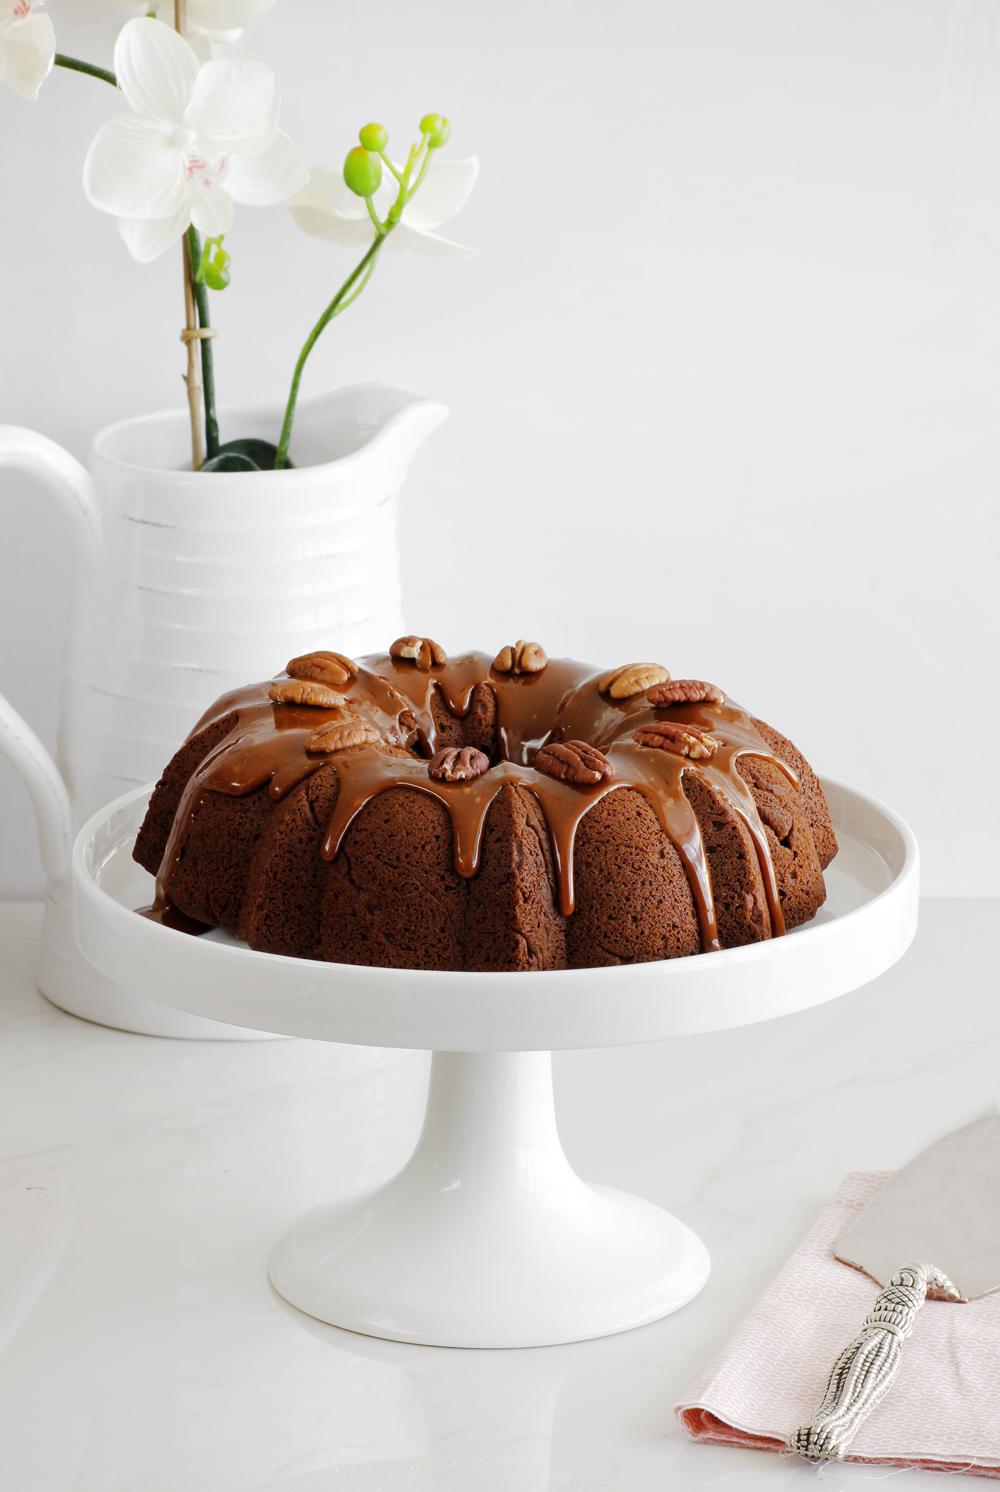 עוגת תמרים עם רוטב טופי מלוח